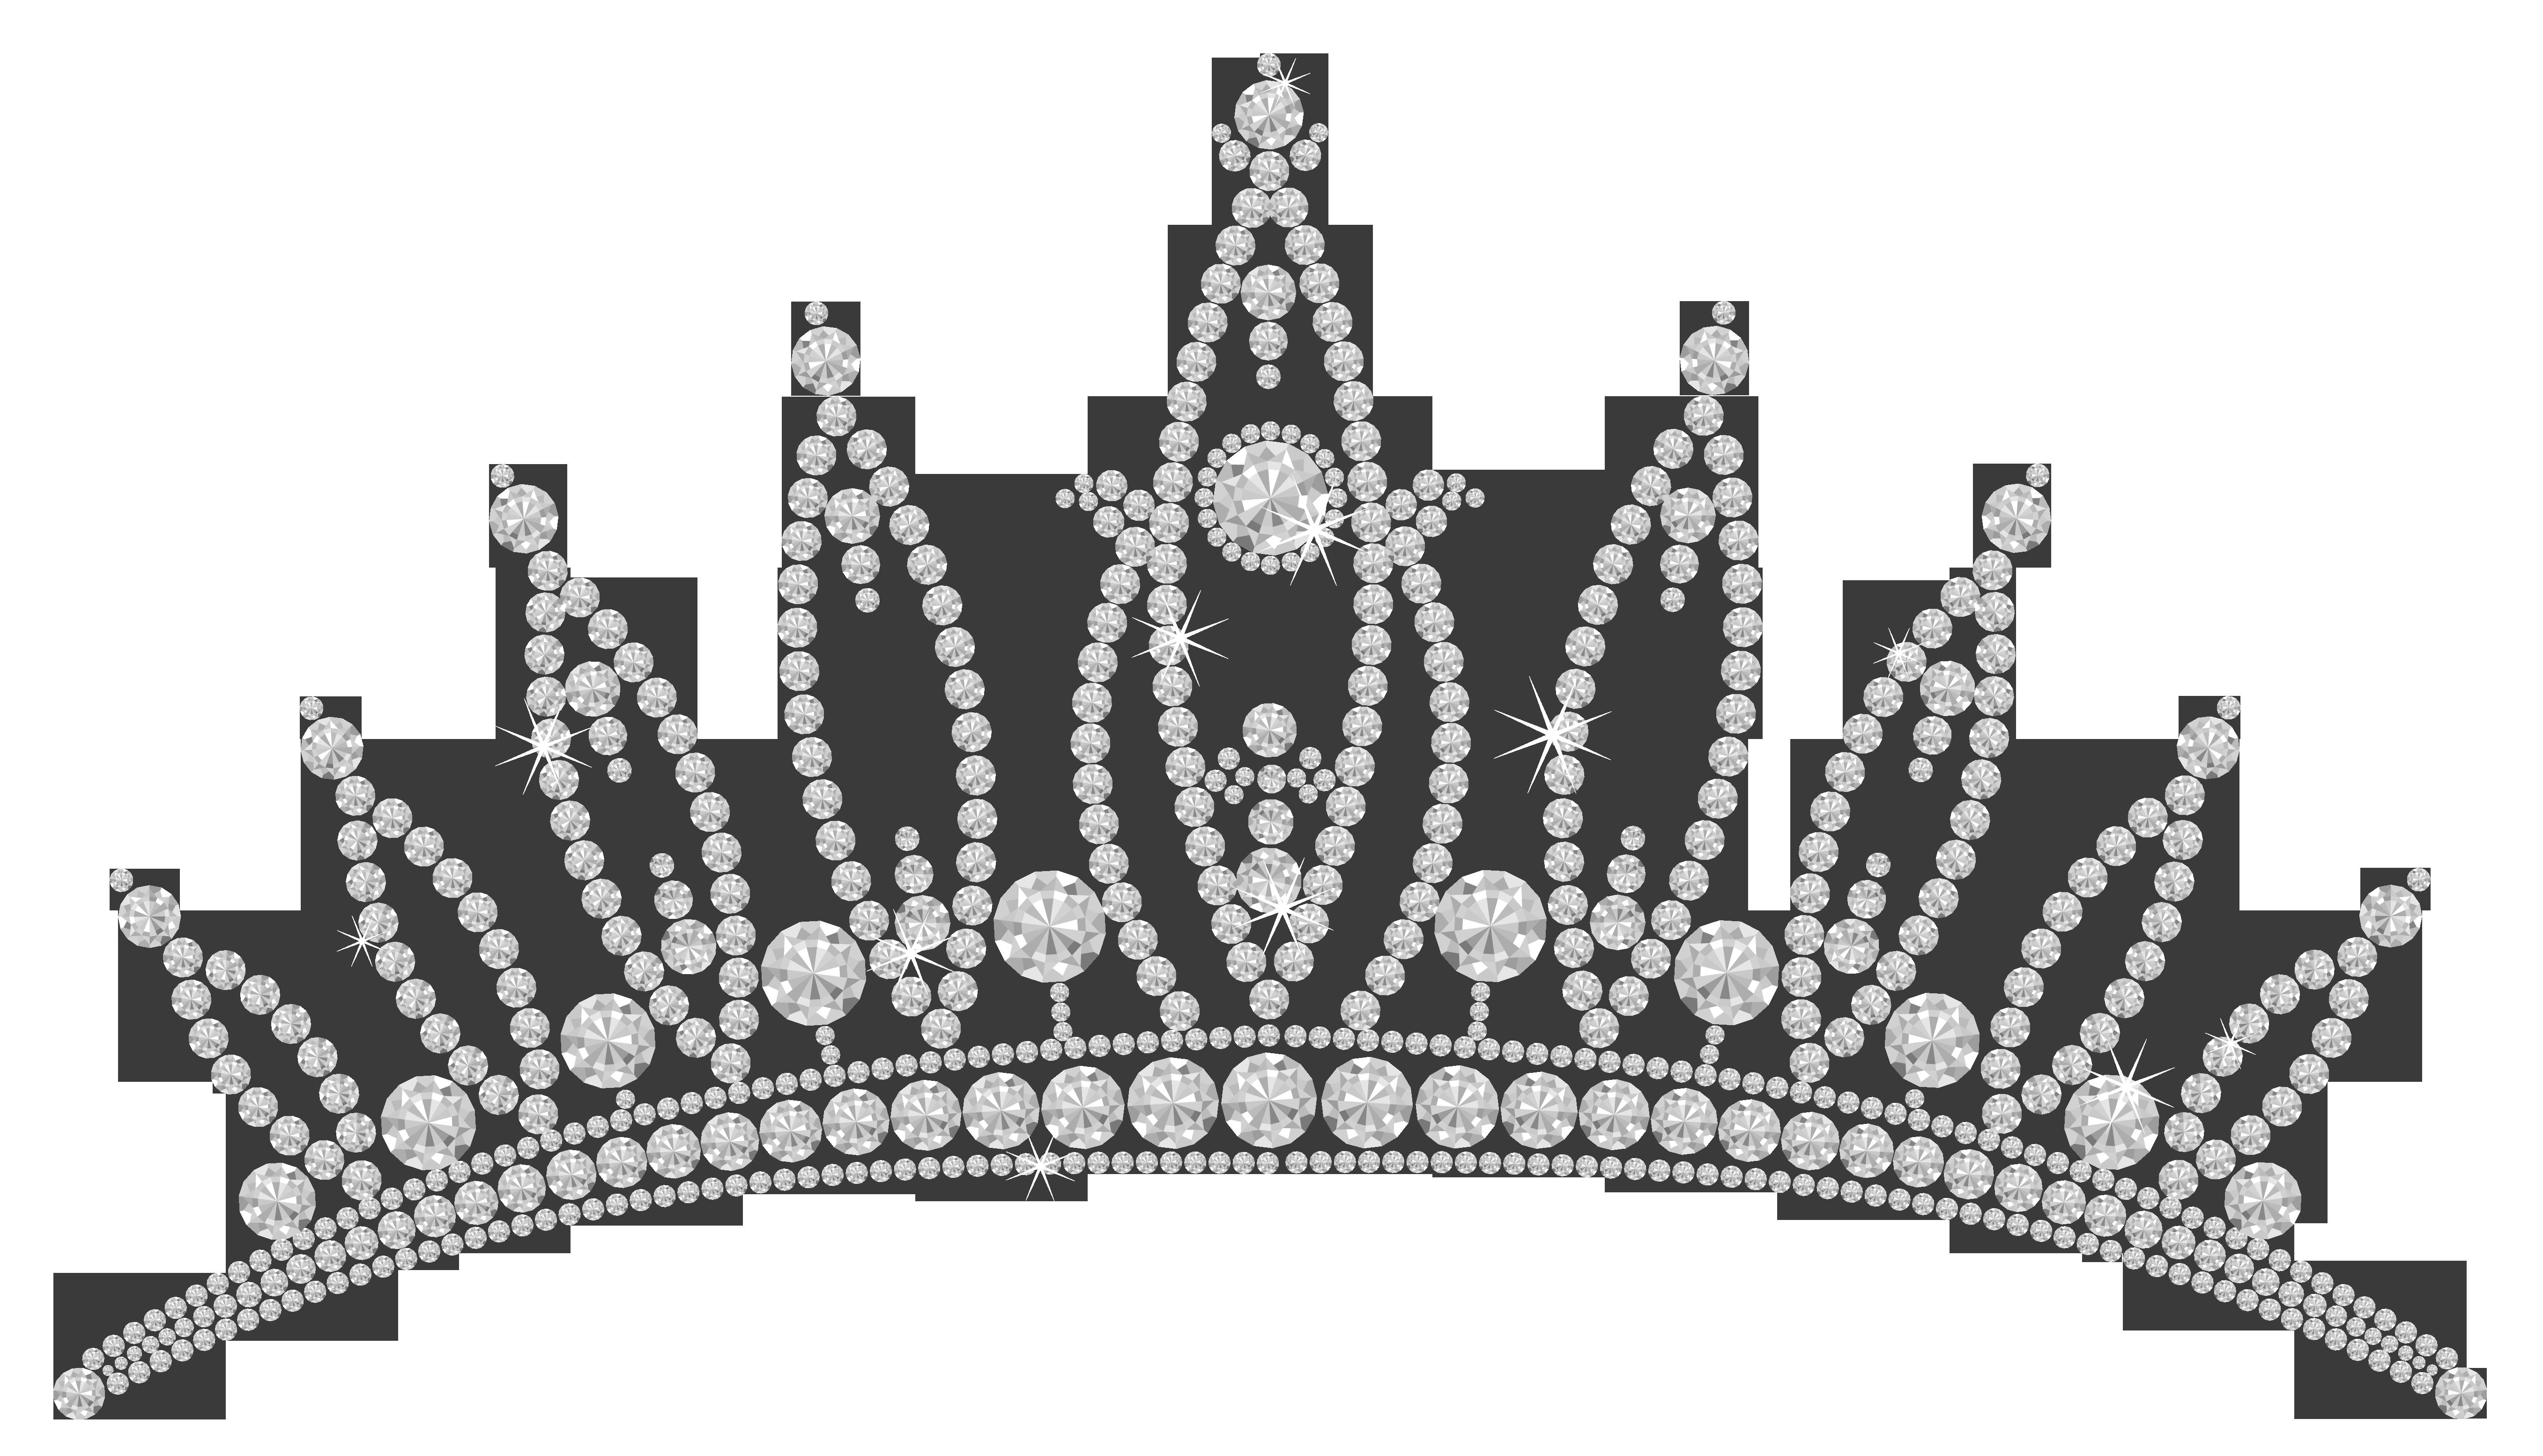 clip art transparent download Transparent tiara. Diamond png clipart picture